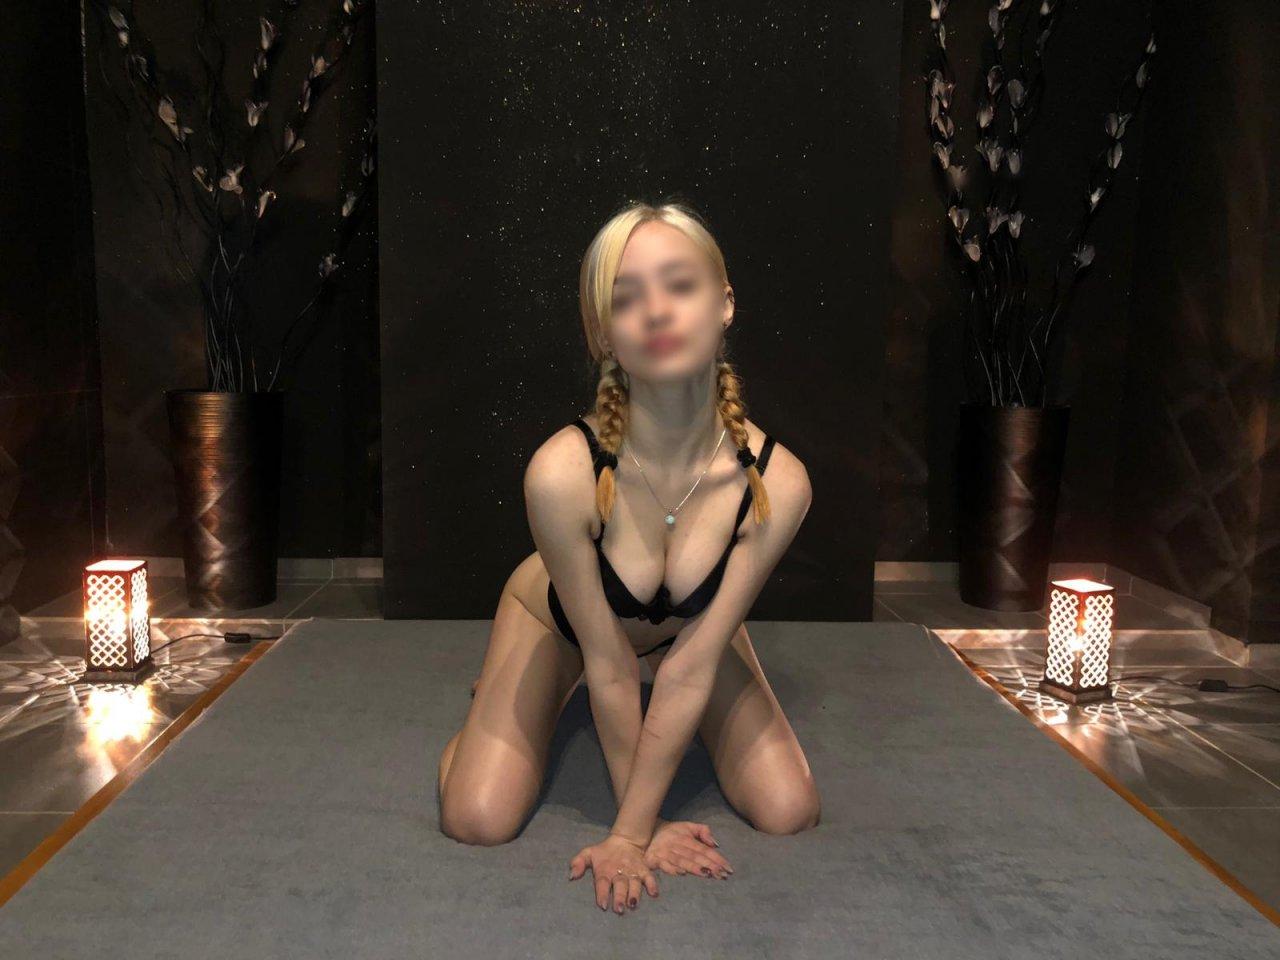 Erotick privty a dvky z R - sacicrm.info